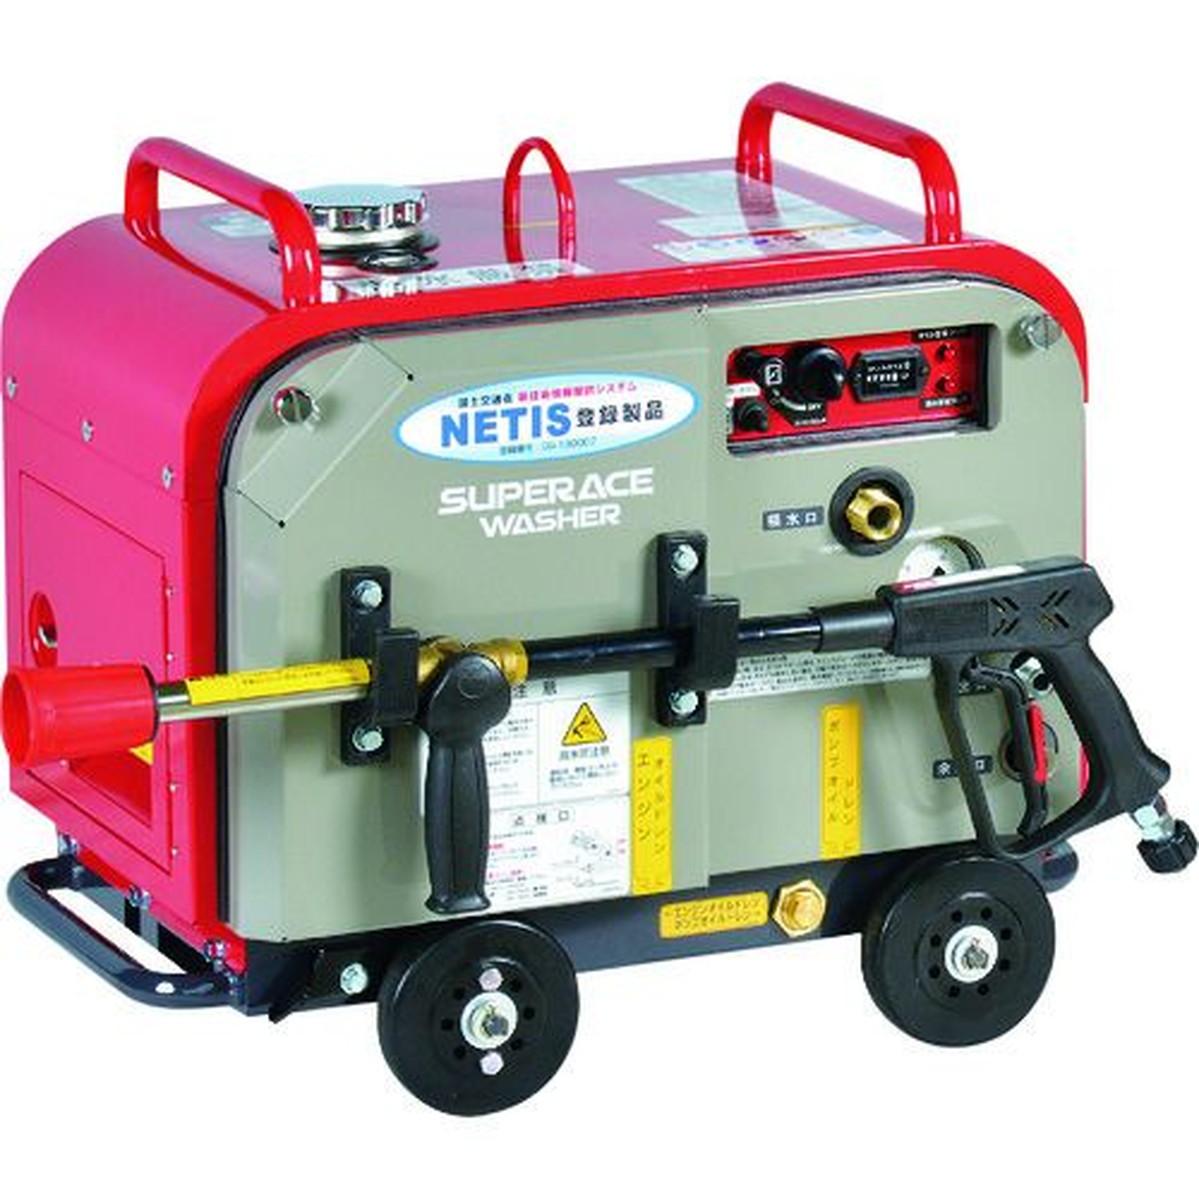 超歓迎された スーパー工業 スーパー工業 ガソリンエンジン式 高圧洗浄機 1台 SEV-3008SS(防音型) 高圧洗浄機 1台, ソロキャンプ&テントのSmile Mart:257c8e6a --- ltcpackage.online